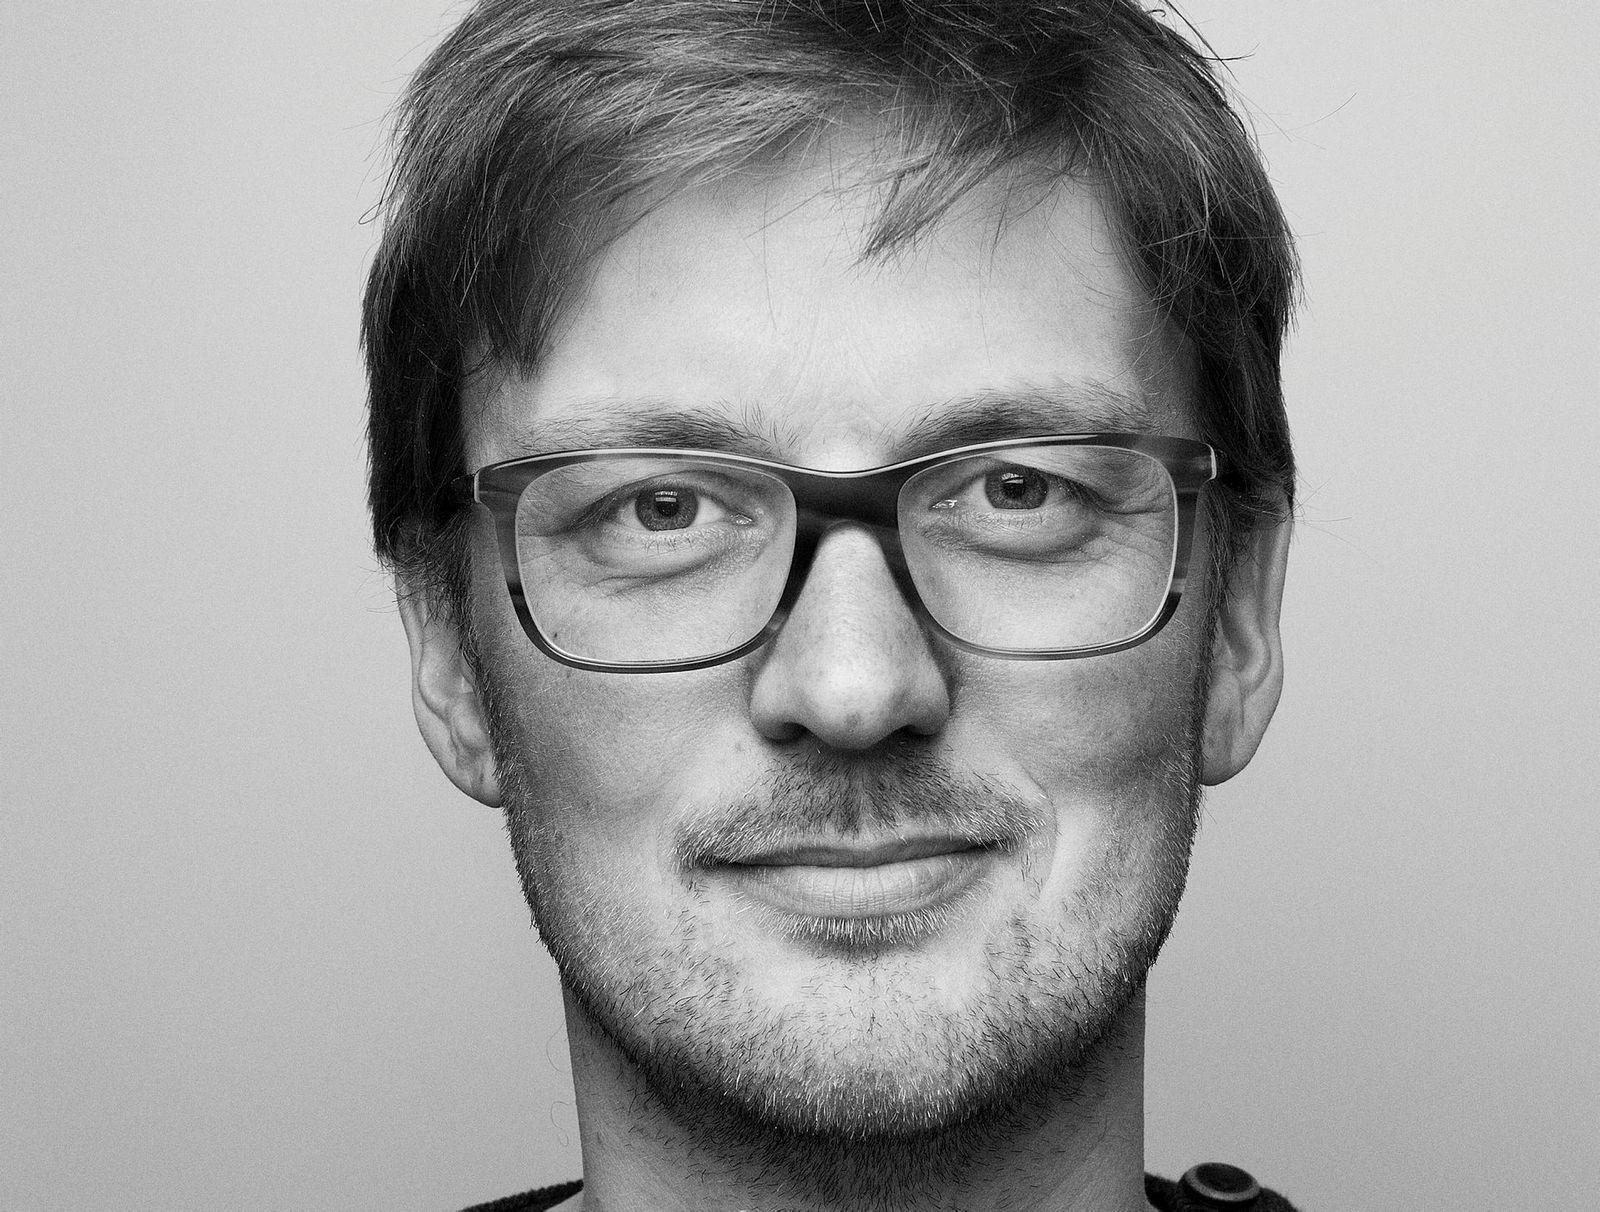 Ivar A. Iversen var redaksjonssjef i fem år før han sluttet på dagen i forrige uke. Han beskrives som en svært populær leder.